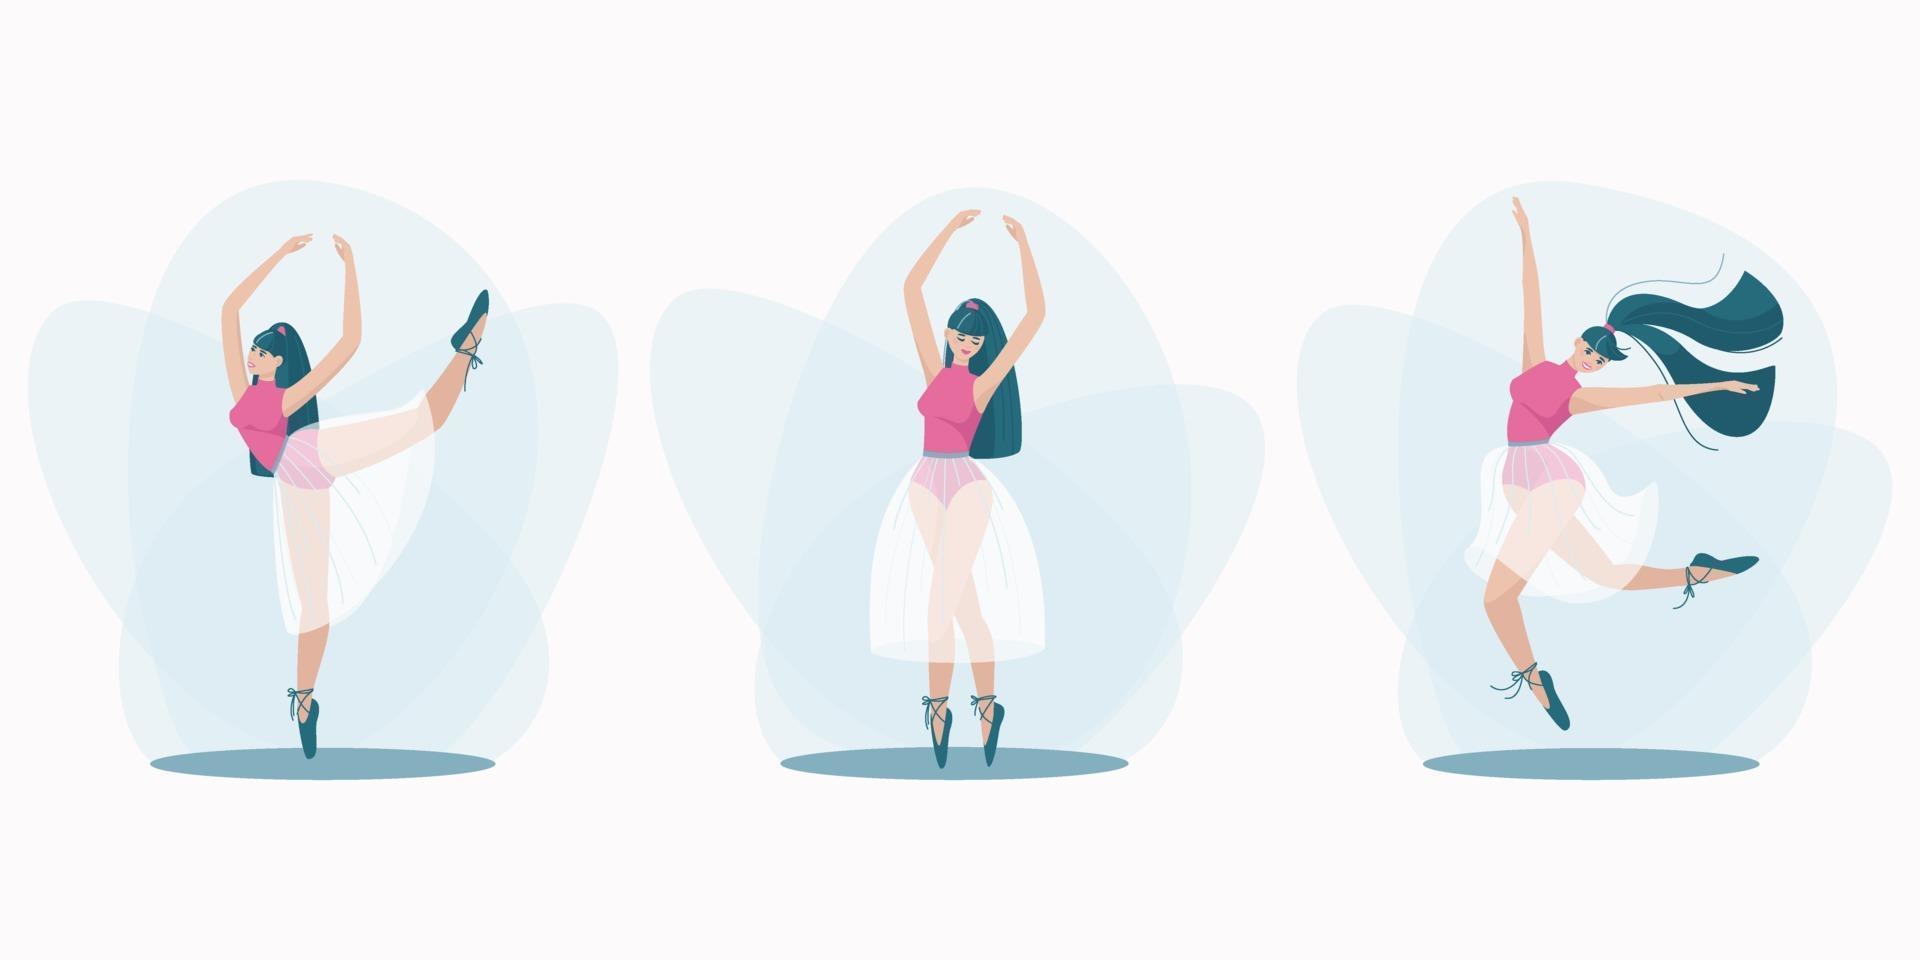 uppsättning vackra poser av en dansande tjej vektor